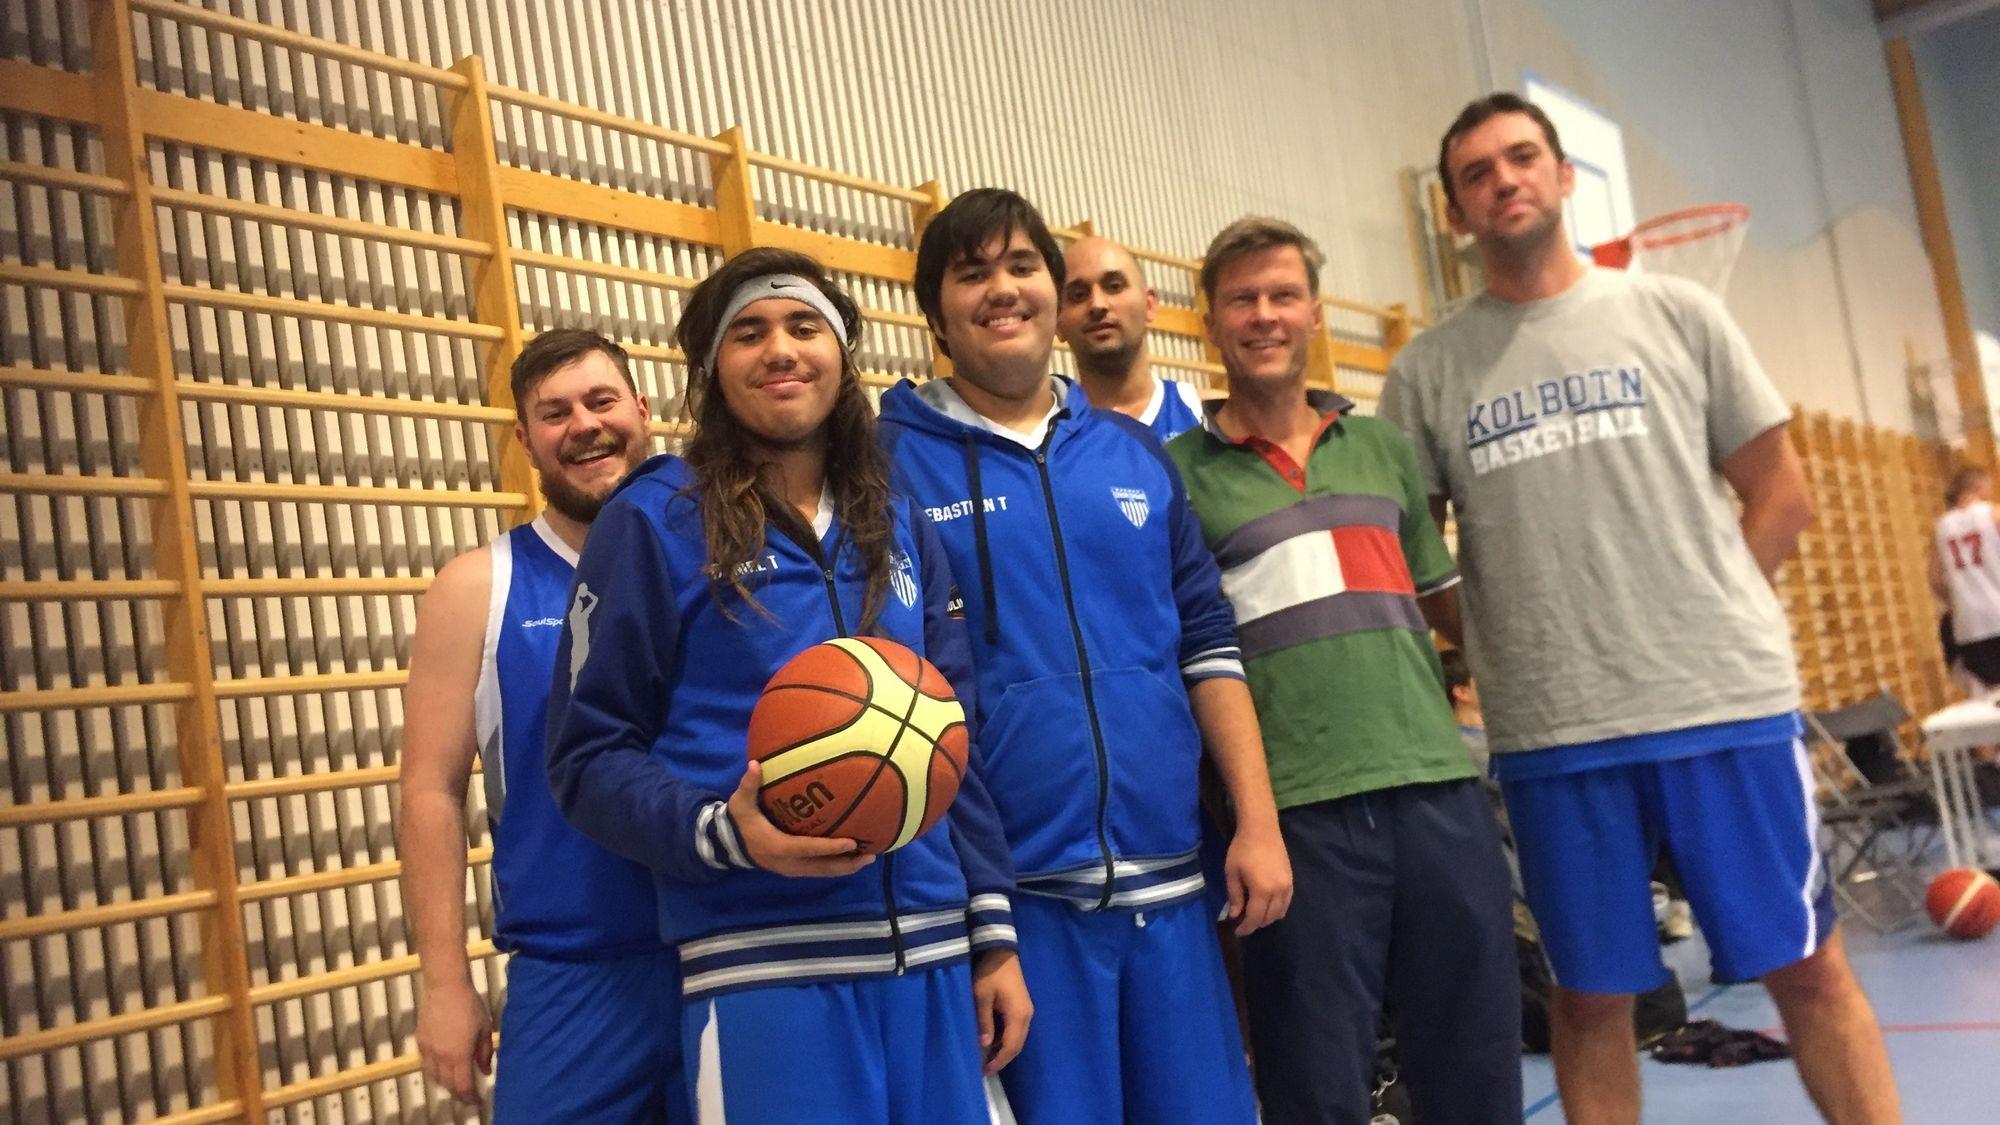 NOK EN SEIER: Årets sesong har startet knallbra for Kolbotn basket herrer.